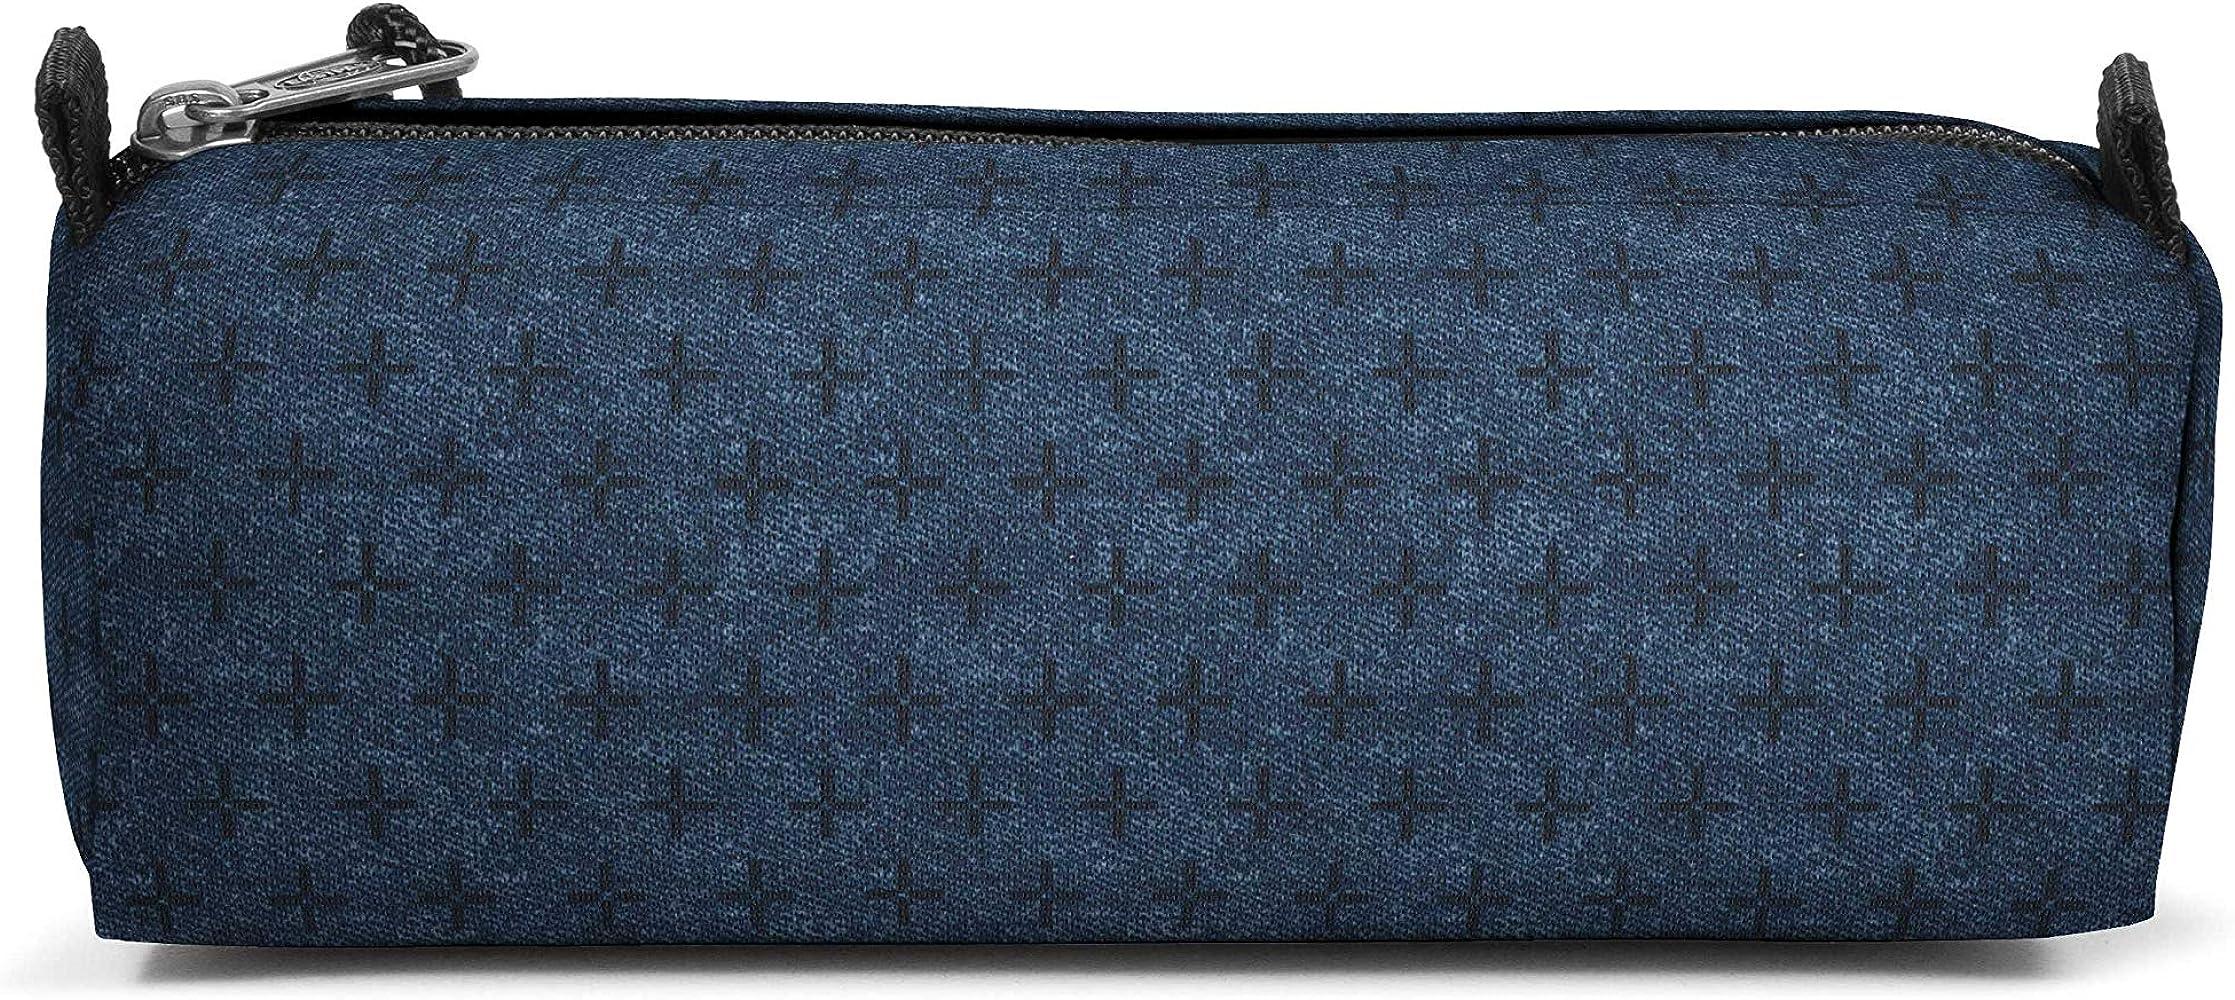 Eastpak Benchmark Single - Estuche (21 cm) azul marino Talla única: Amazon.es: Ropa y accesorios